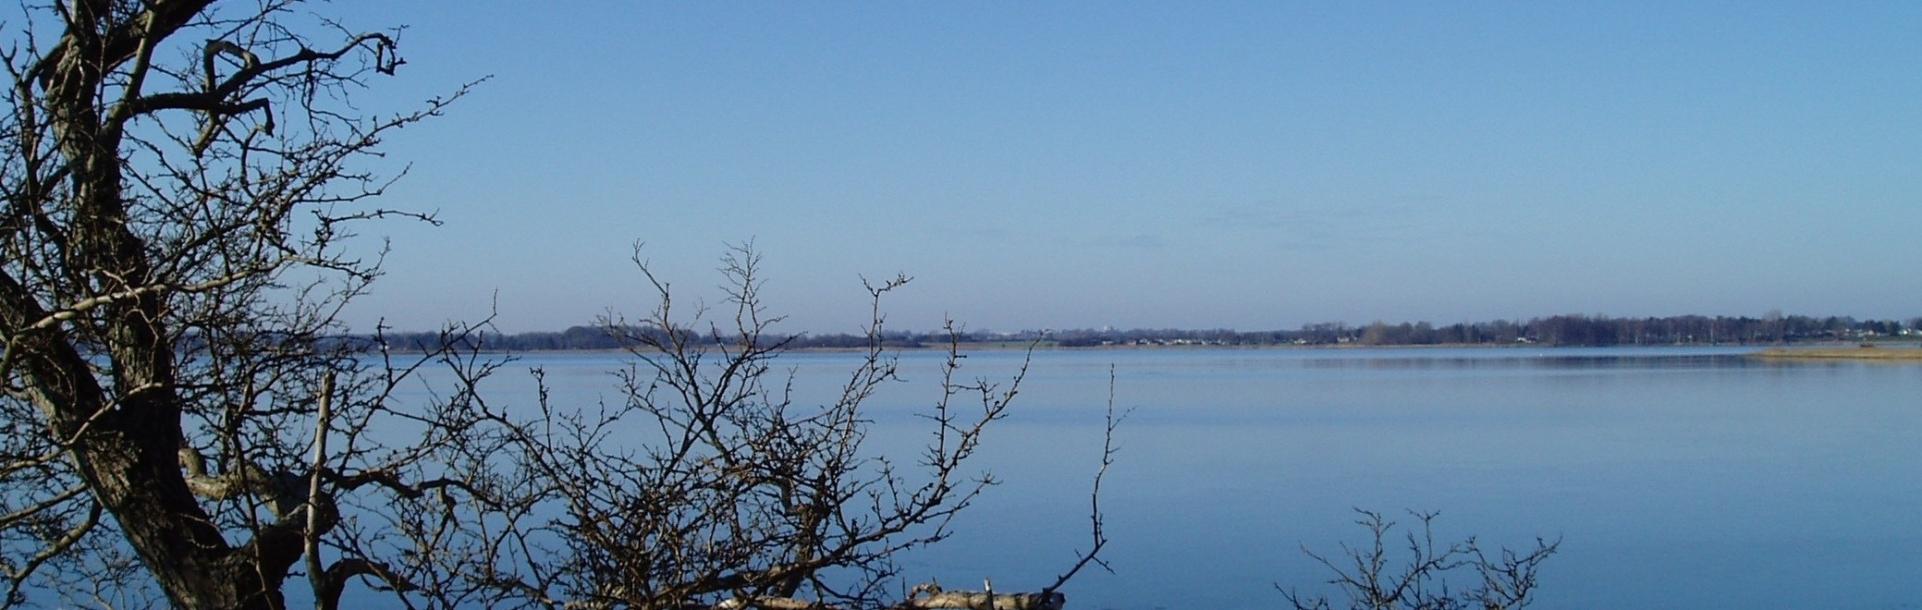 panorama udsigt over stor sø